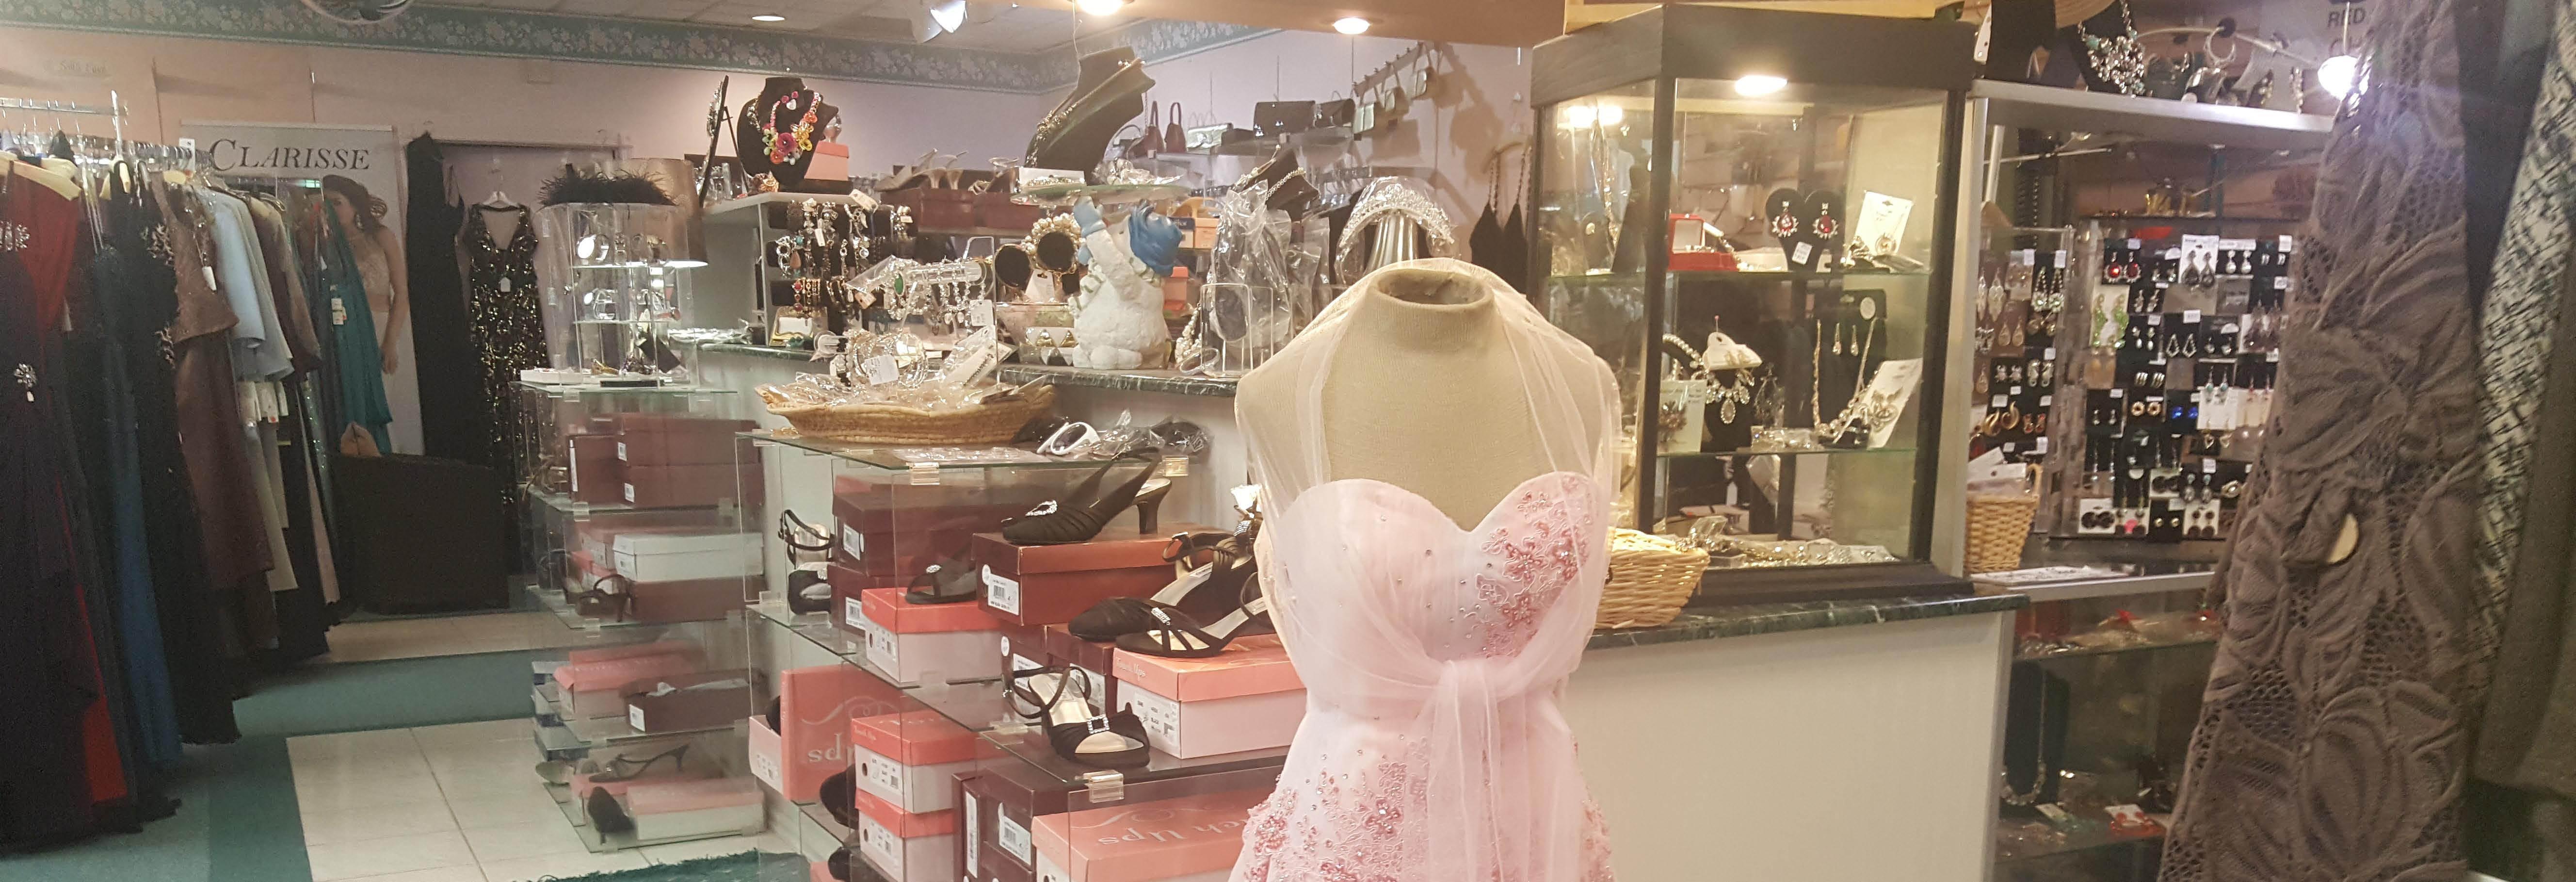 Donna's Boutique in Hamburg NJ